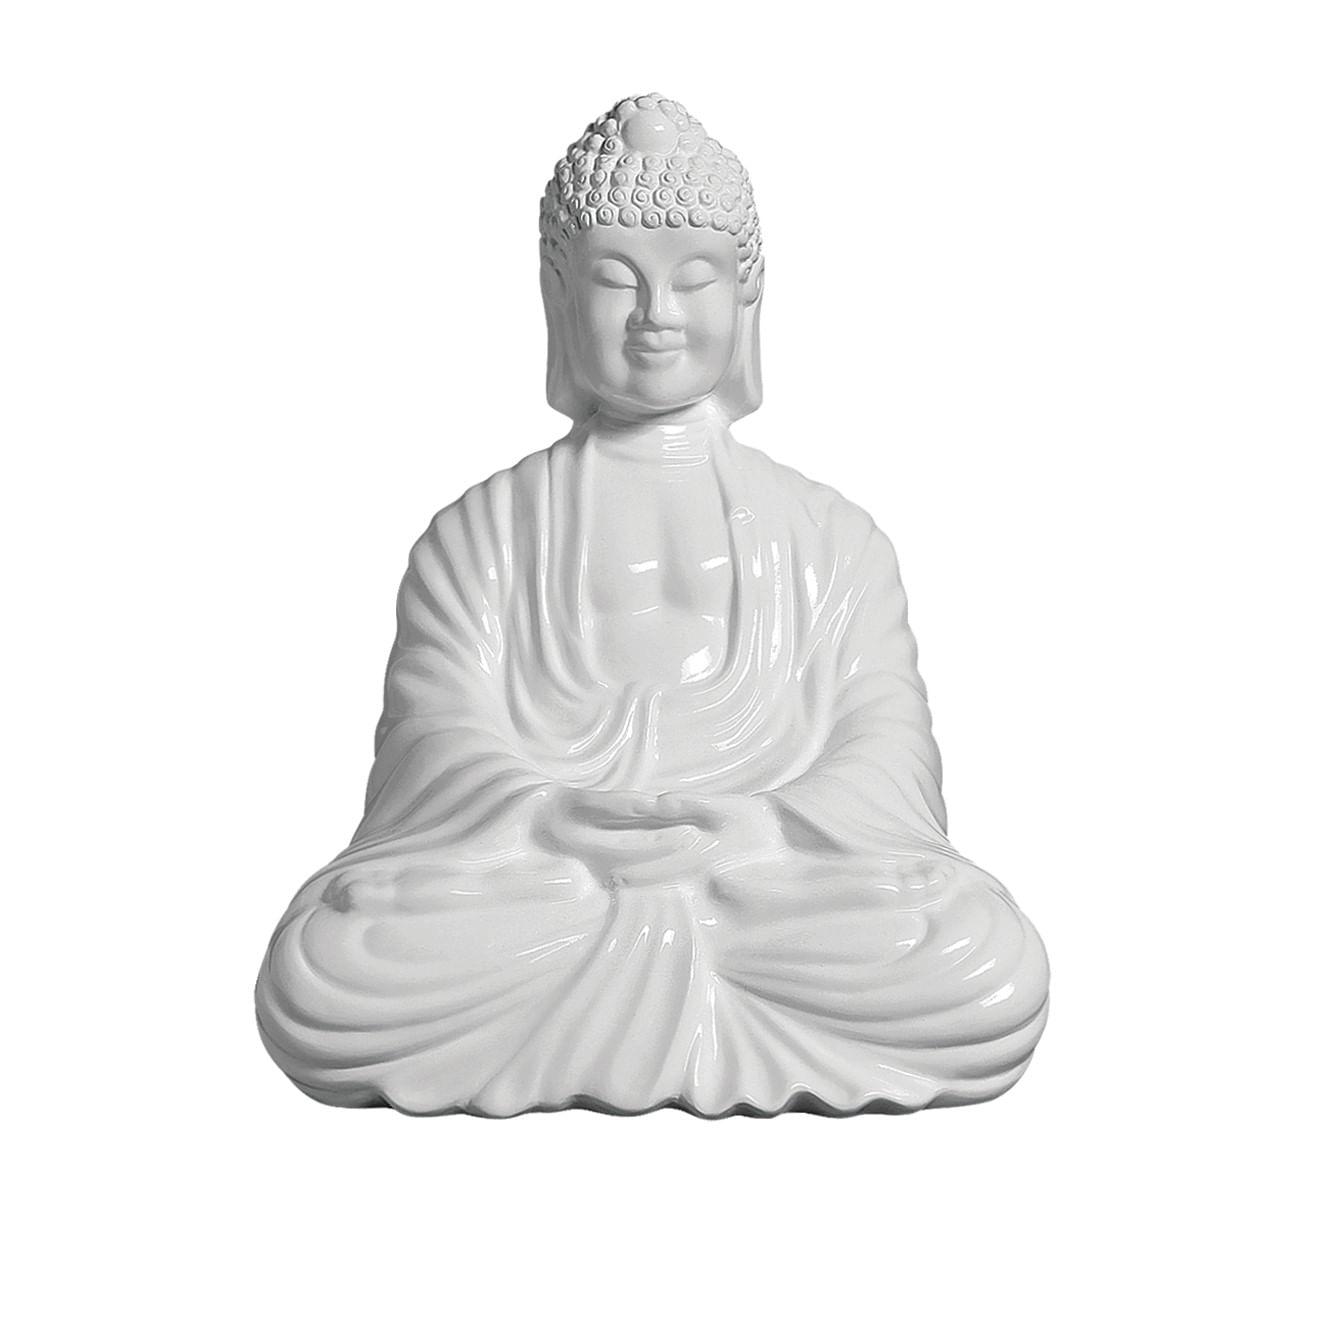 Estátua Buda Branco Grande - Objeto Decorativo em Cerâmica